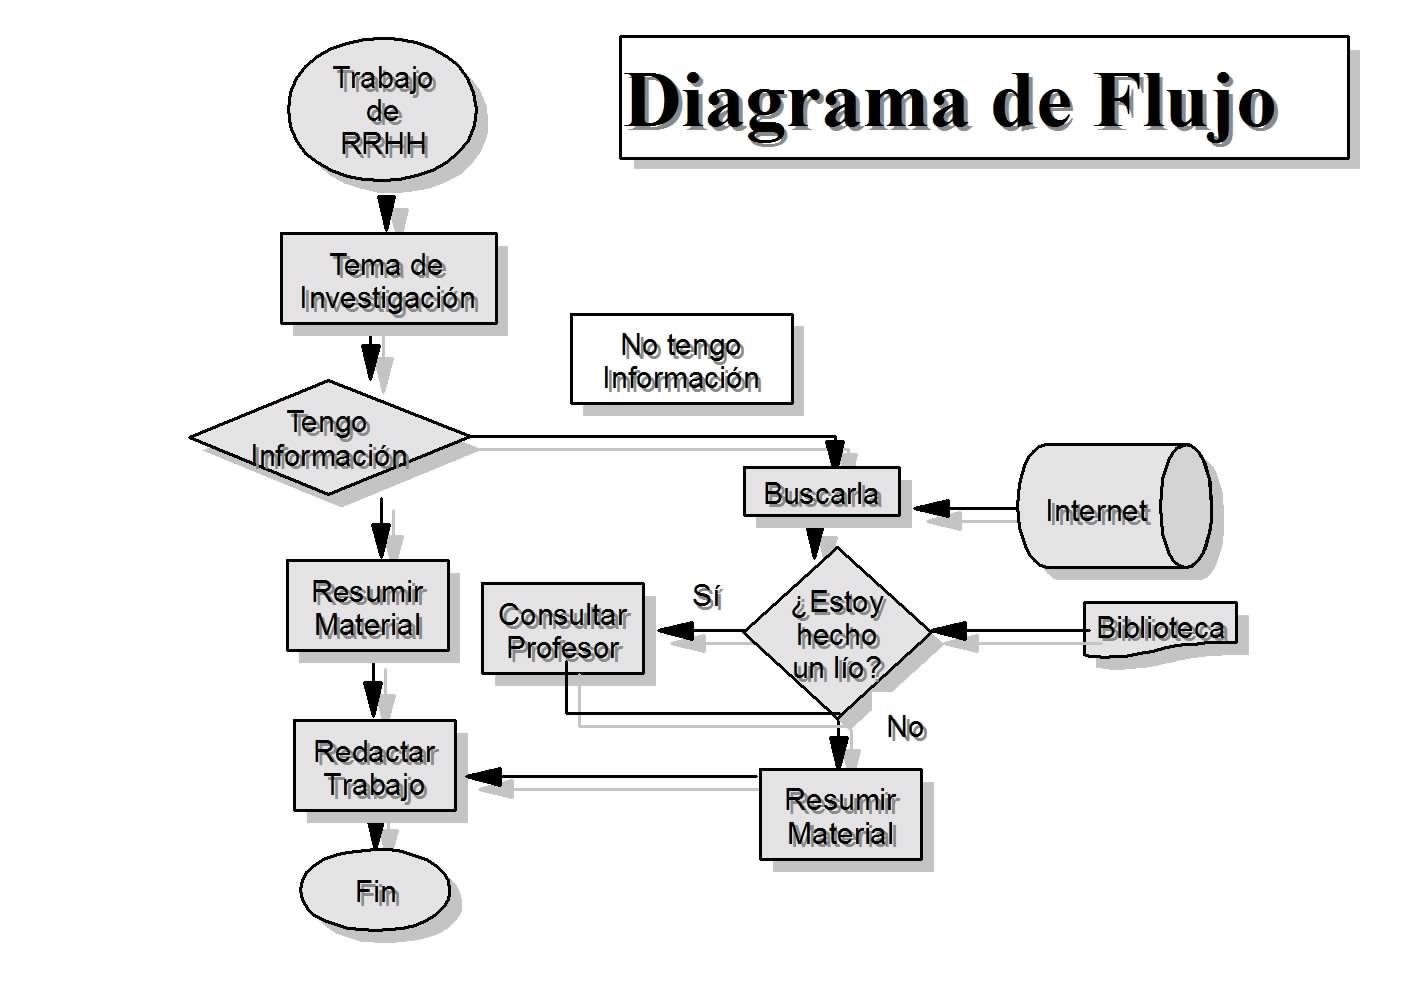 Diagramas de Flujo y Pseudocodigos: Diagrama de flujo